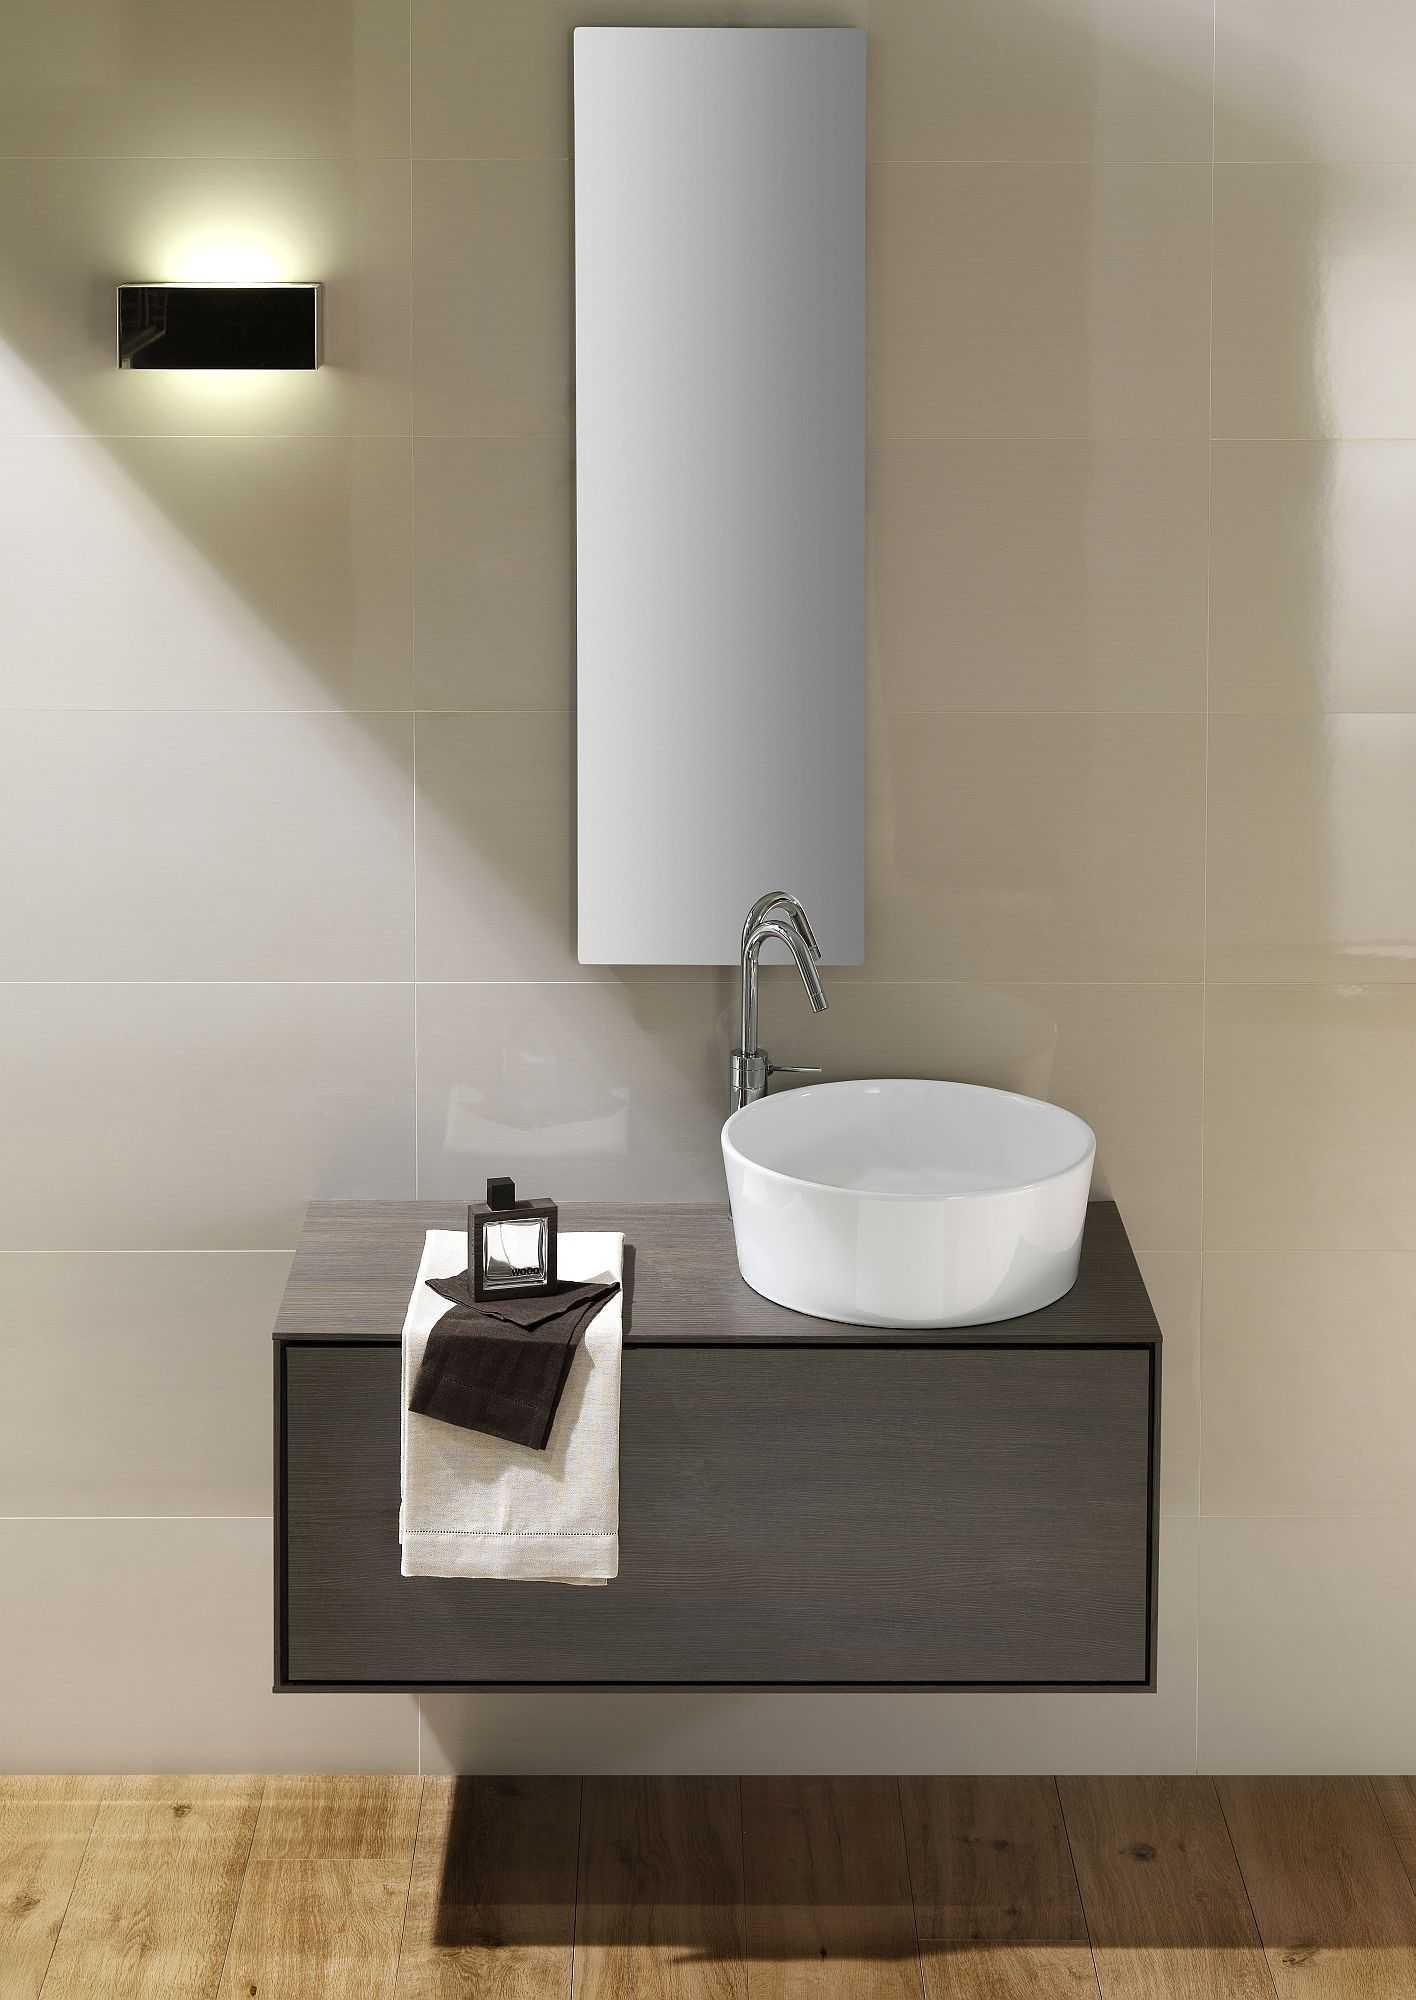 Arredo bagno, accessori e mobili per arredare il bagno